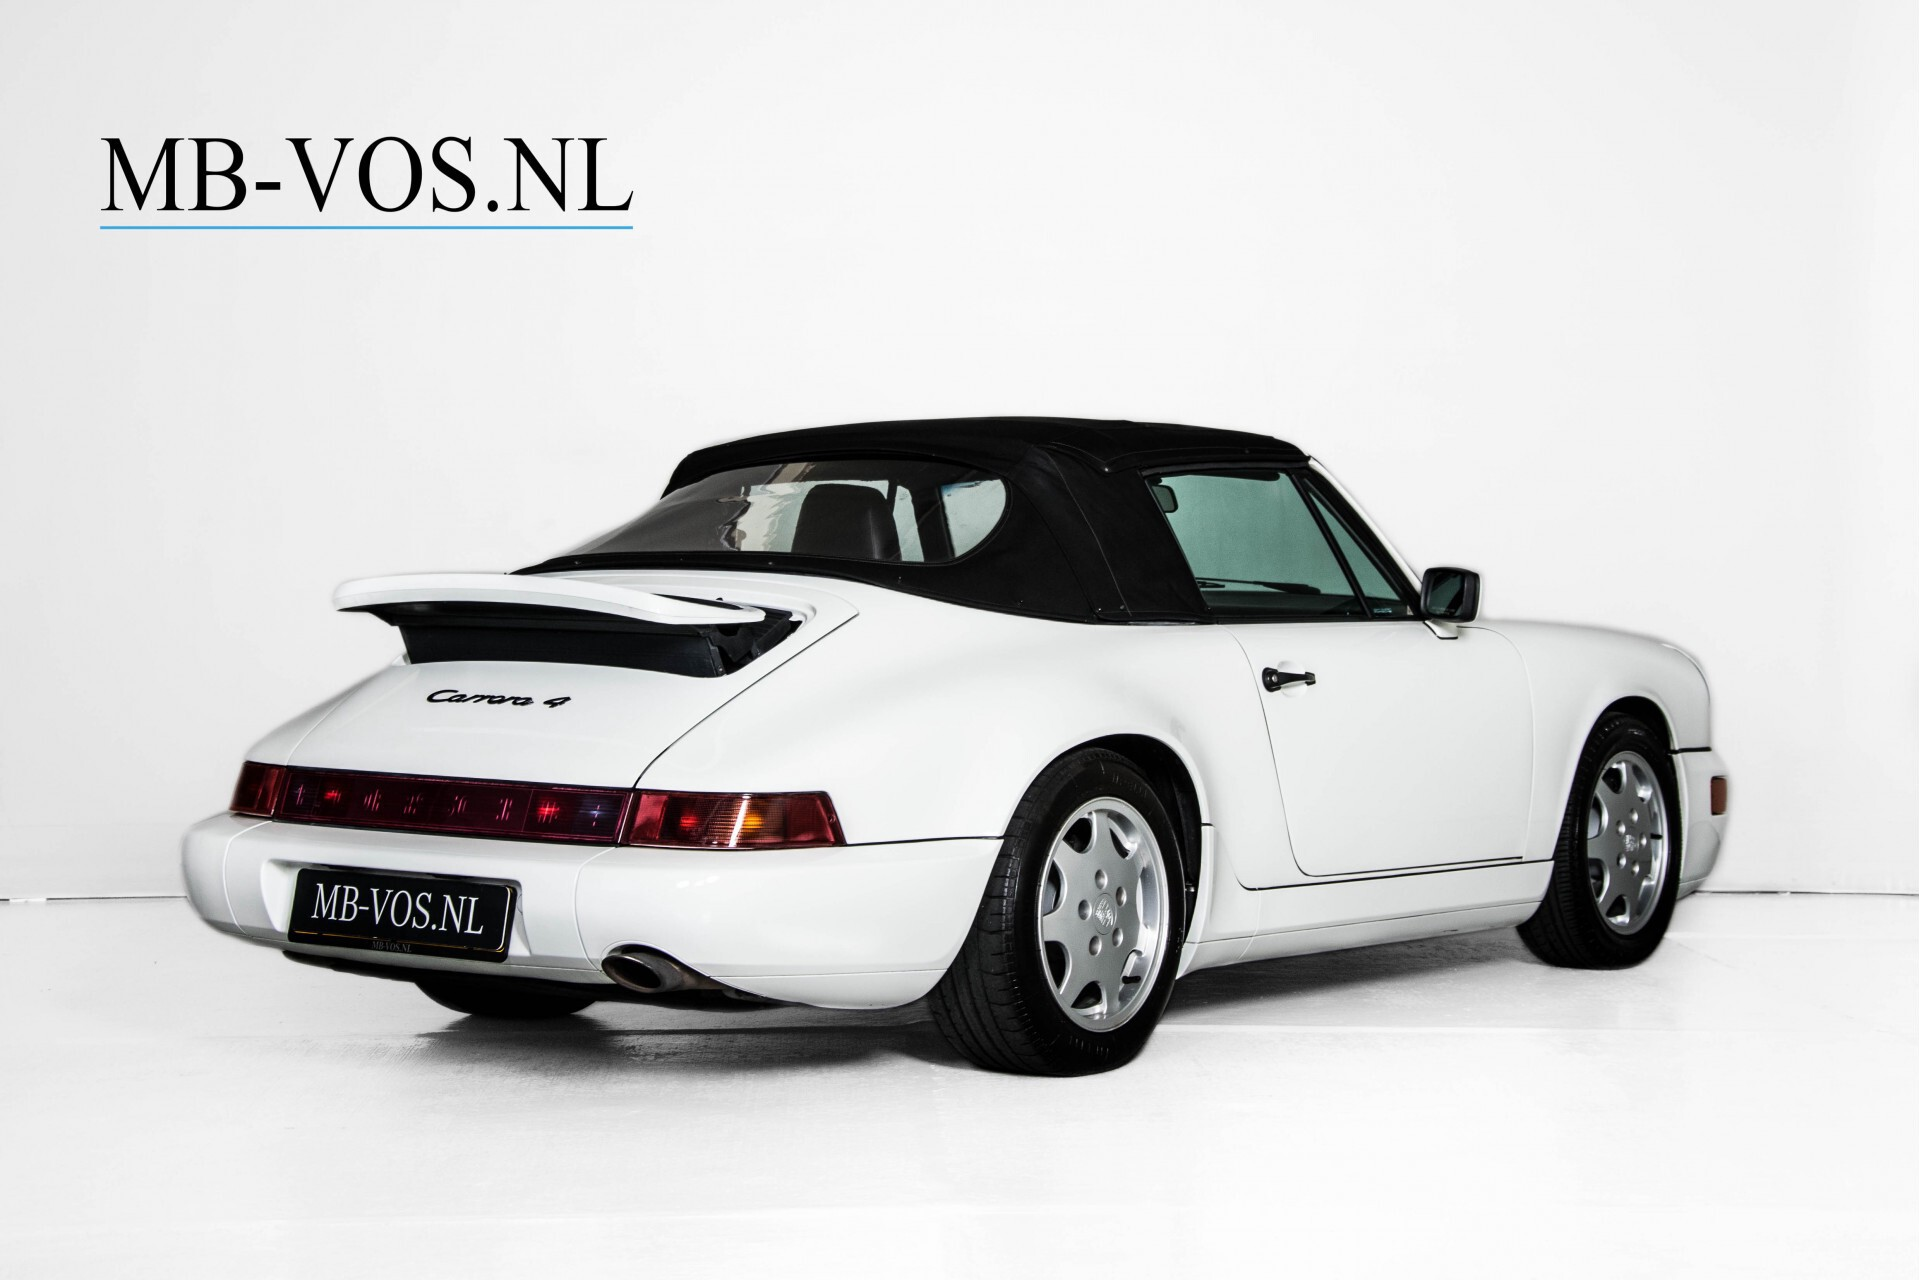 Porsche 911 Cabrio 3.6 Carrera 4 Gerestaureerd/Gedocumenteerd/Incl. BTW Foto 4